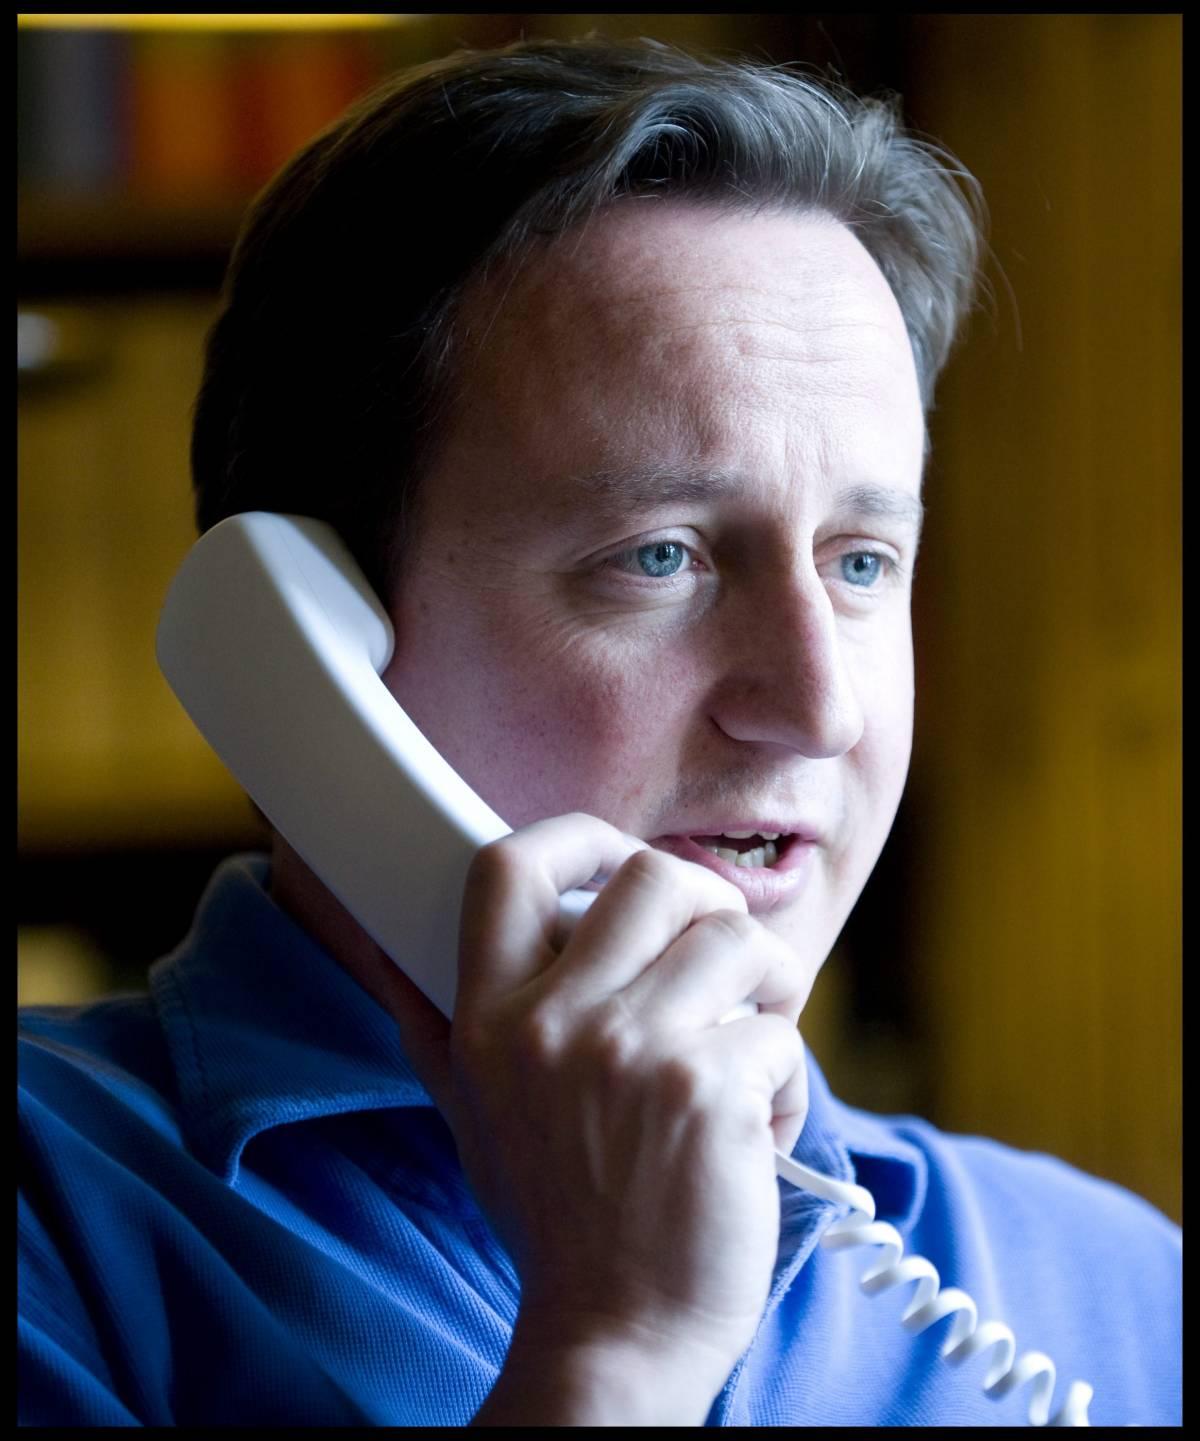 Cameron dopo la Toscana va in Cornovaglia  Per lui è la quinta vacanza dall'inizio dell'anno